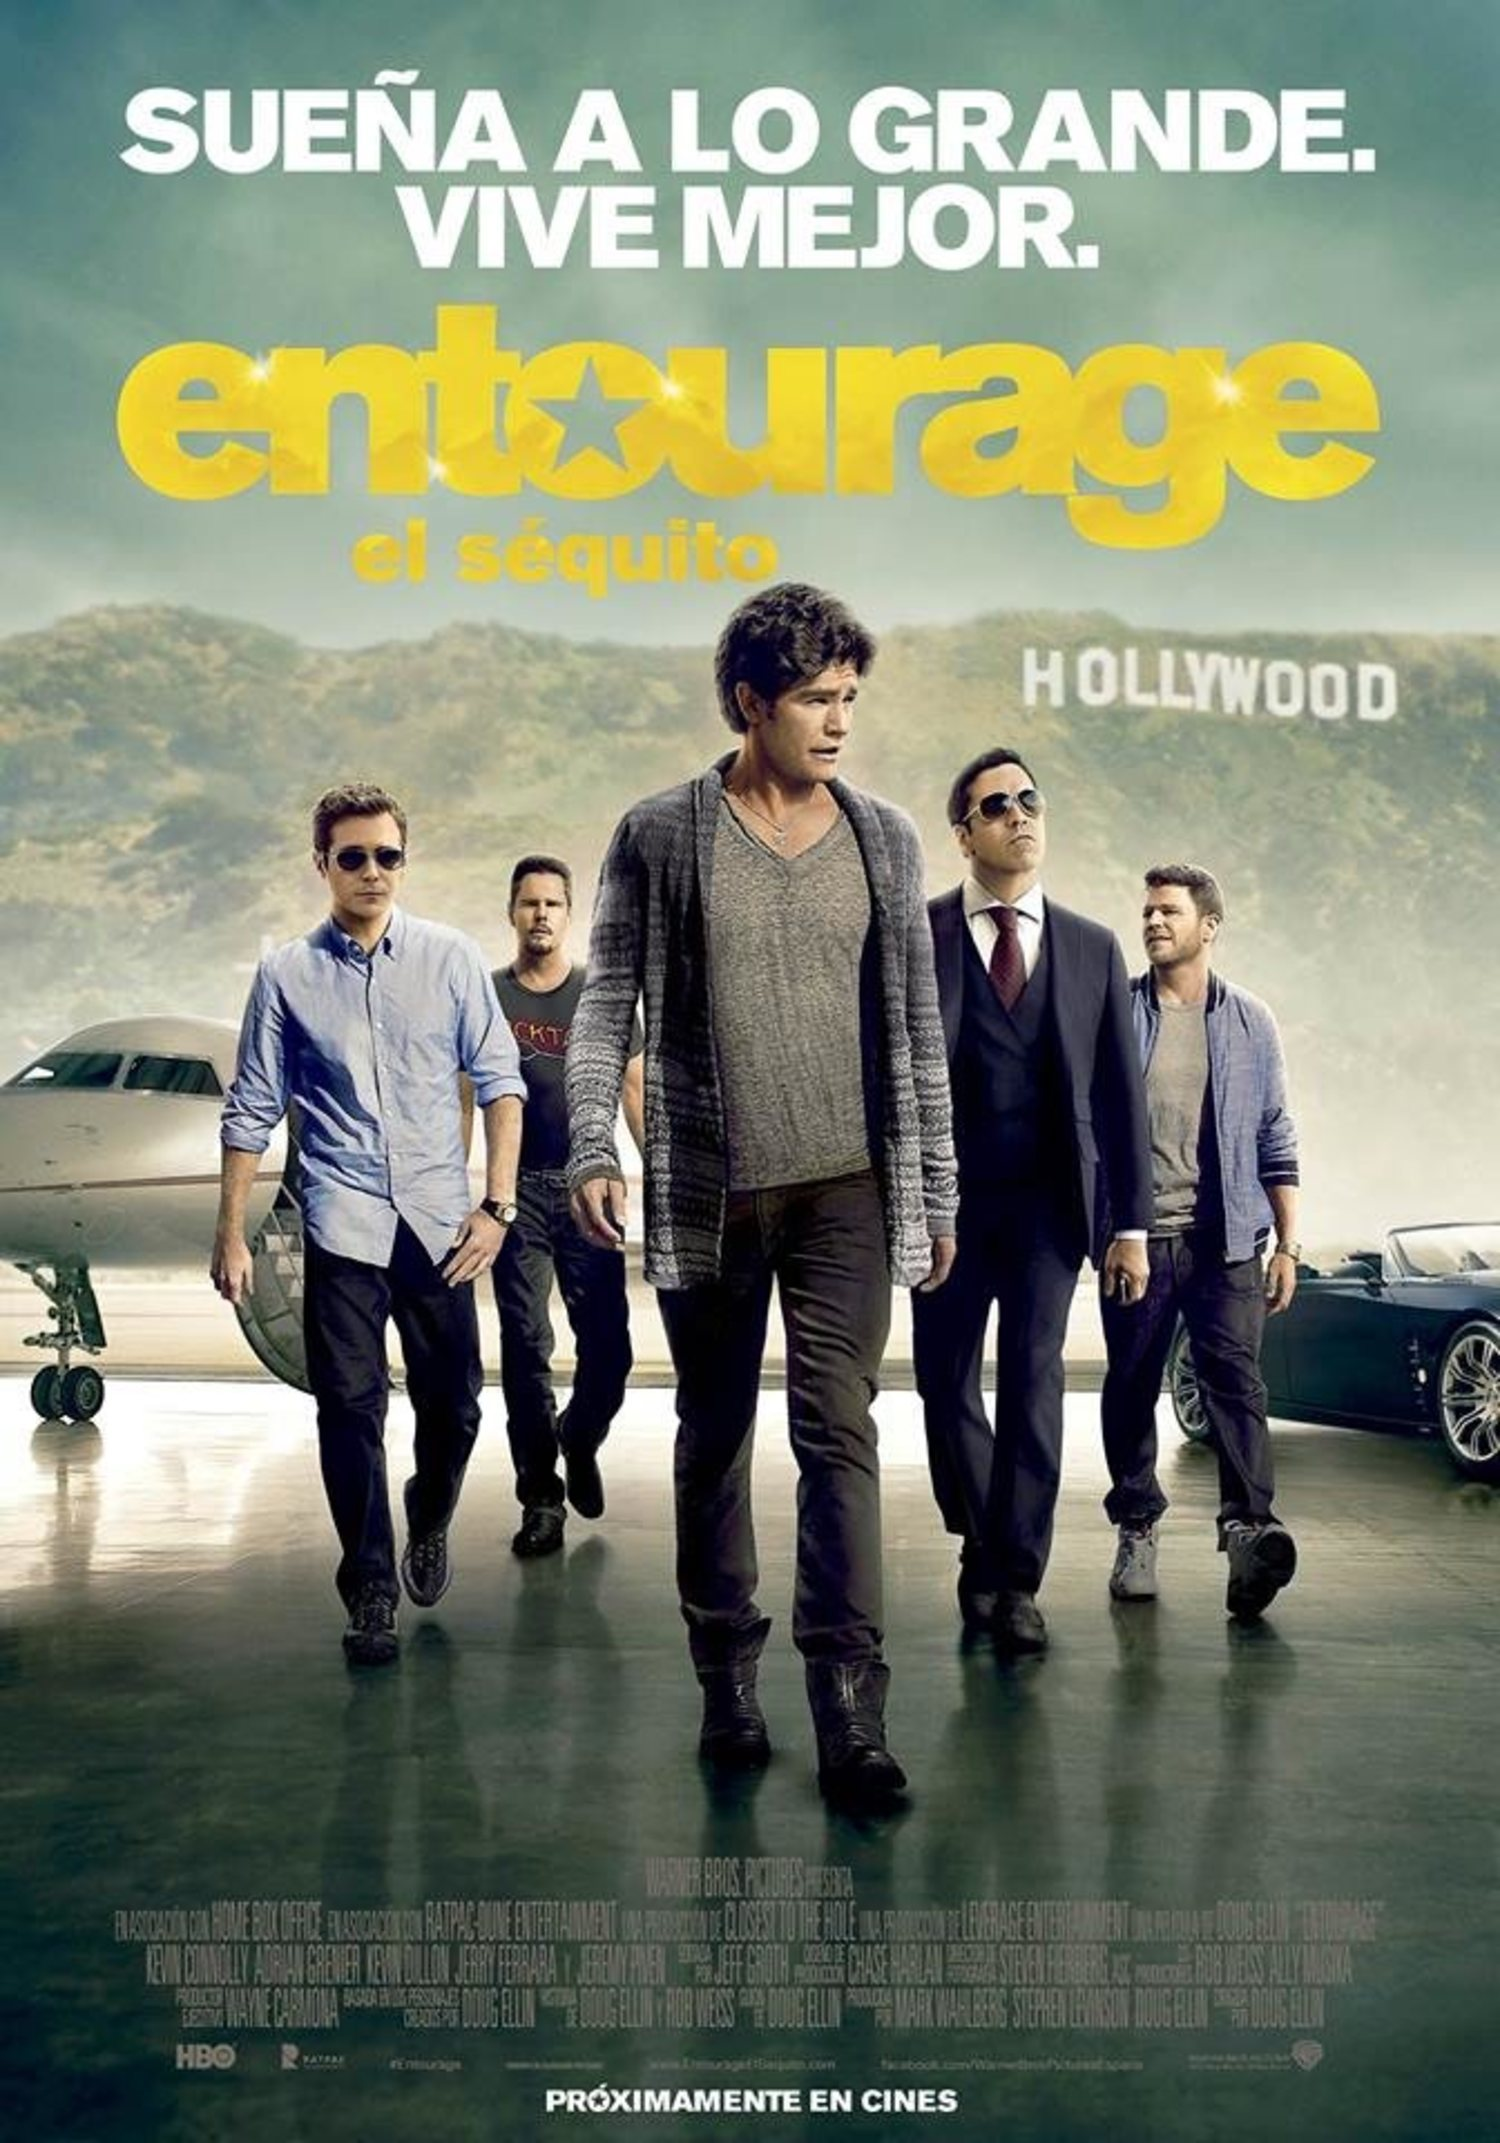 Imagen promocional de la película de 'Entourage'